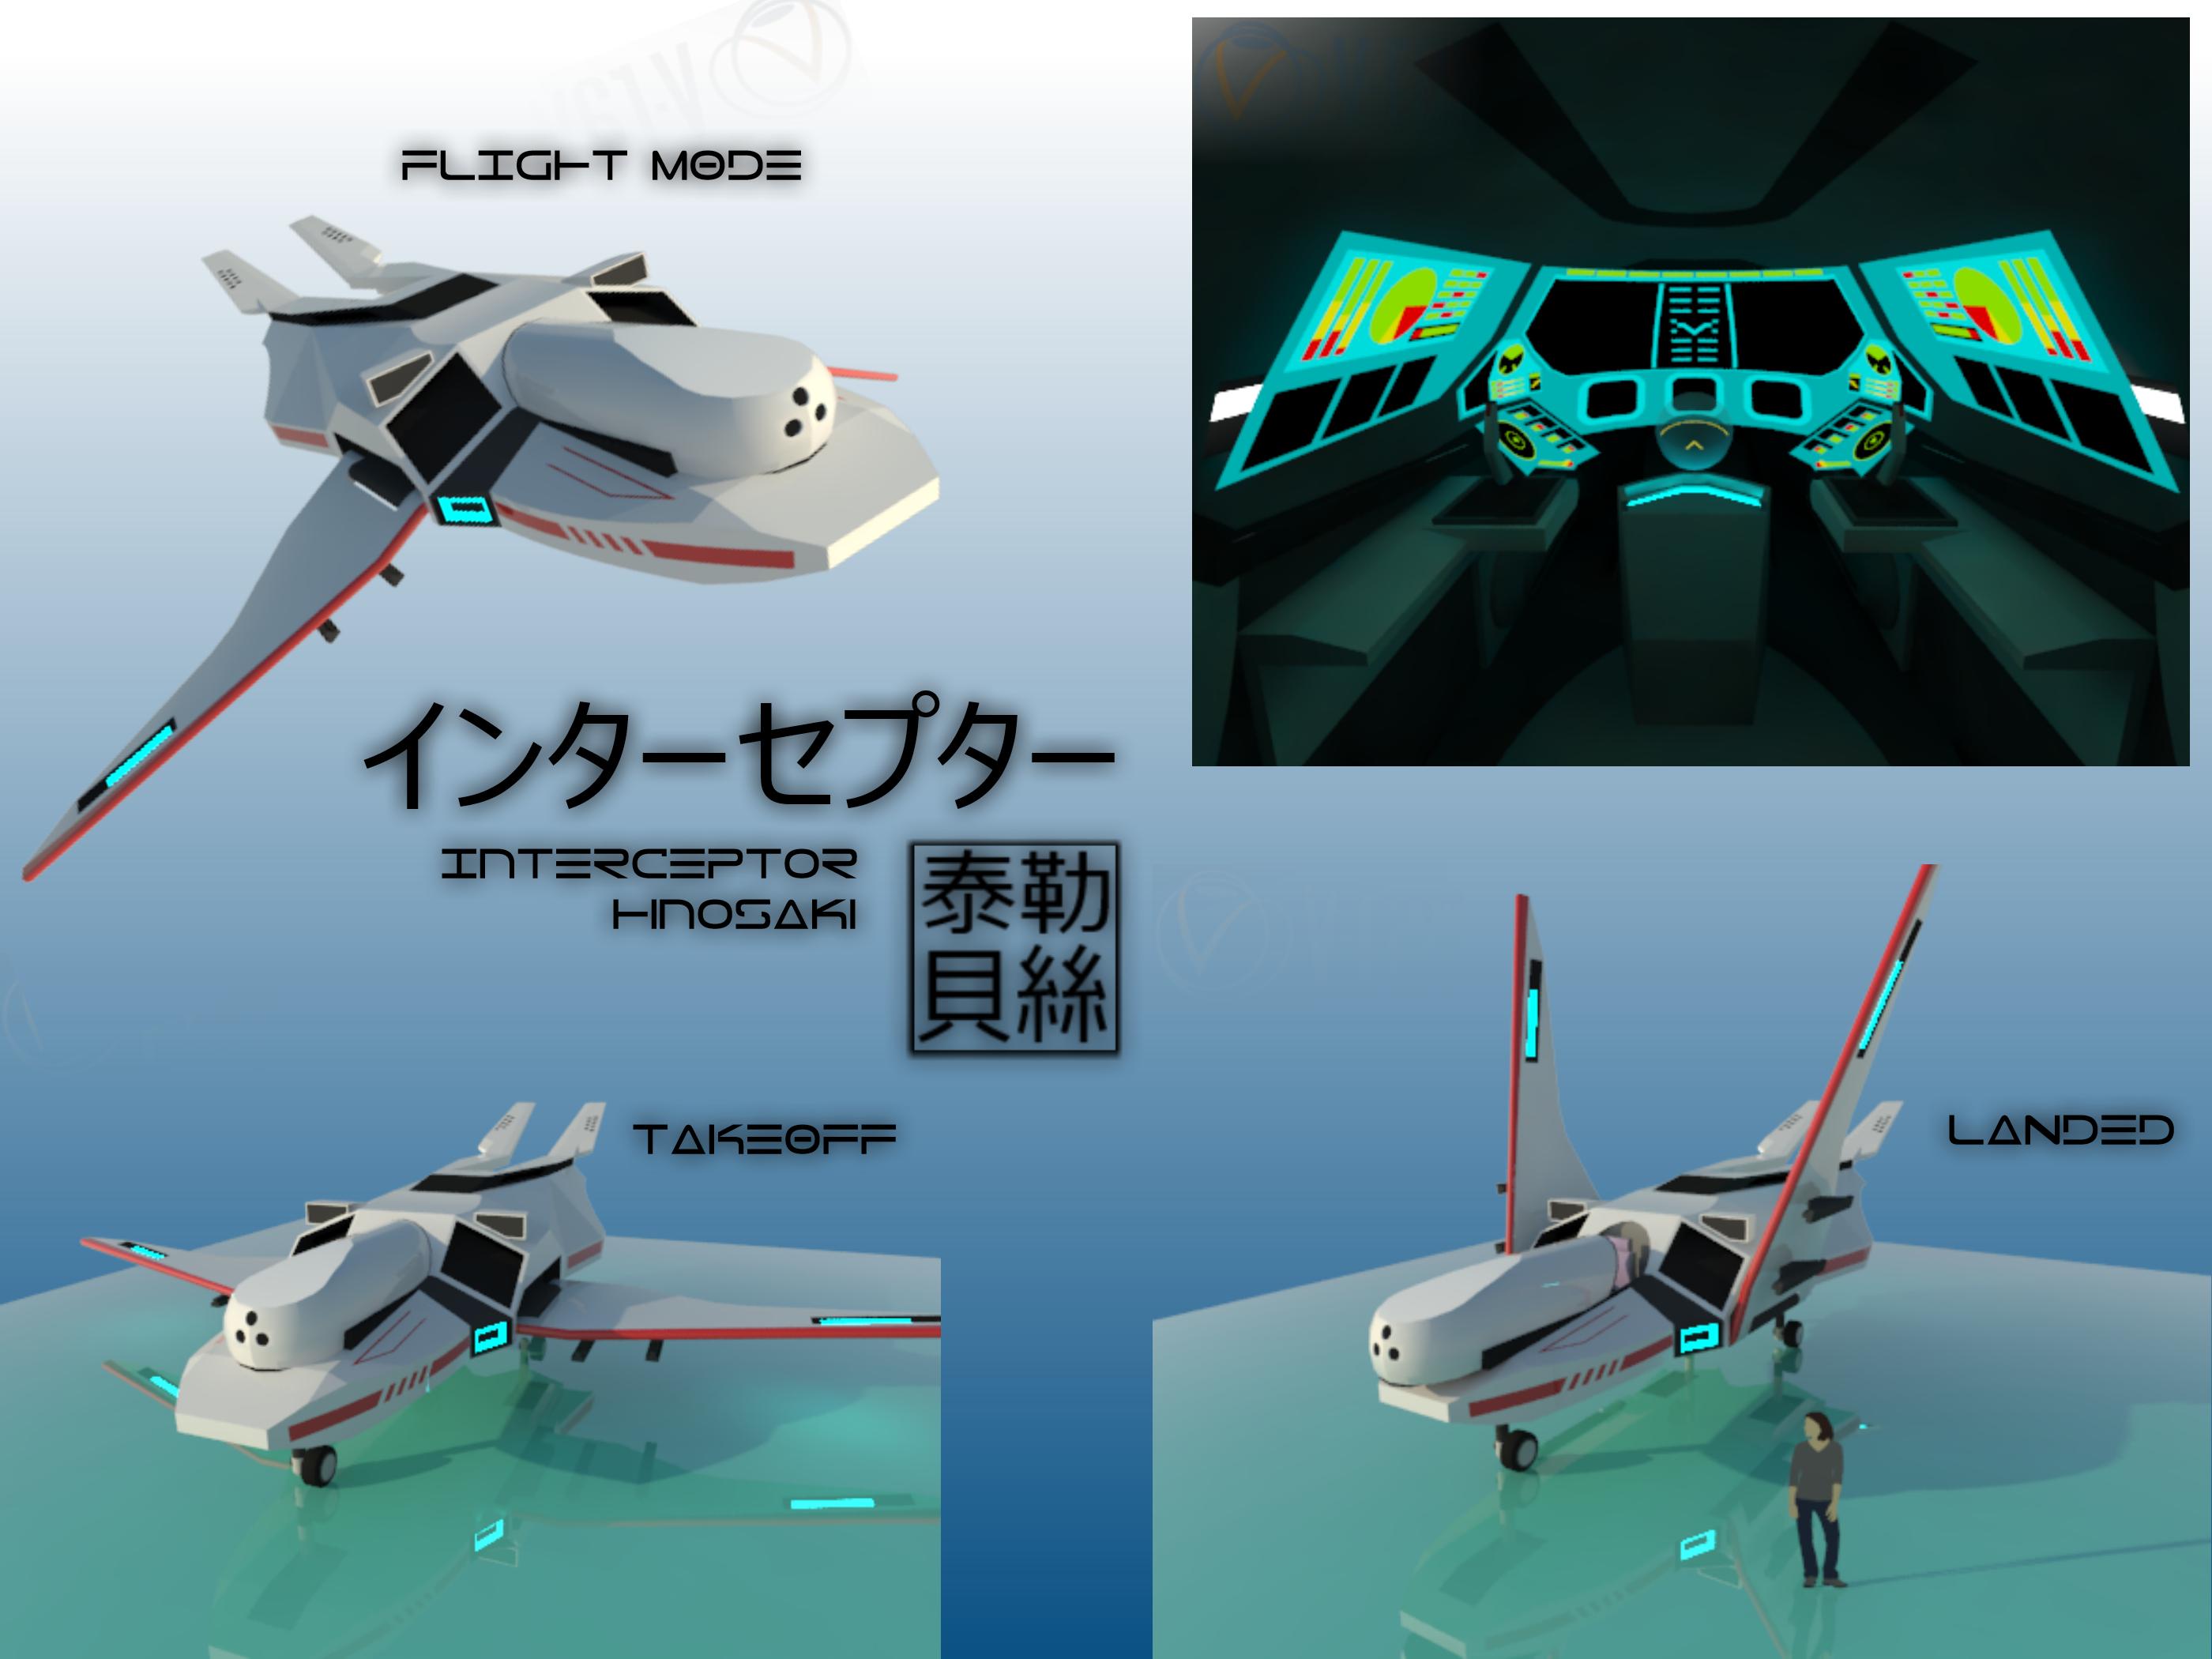 Hinosaki Interceptor [Aquarions] by Gwentari